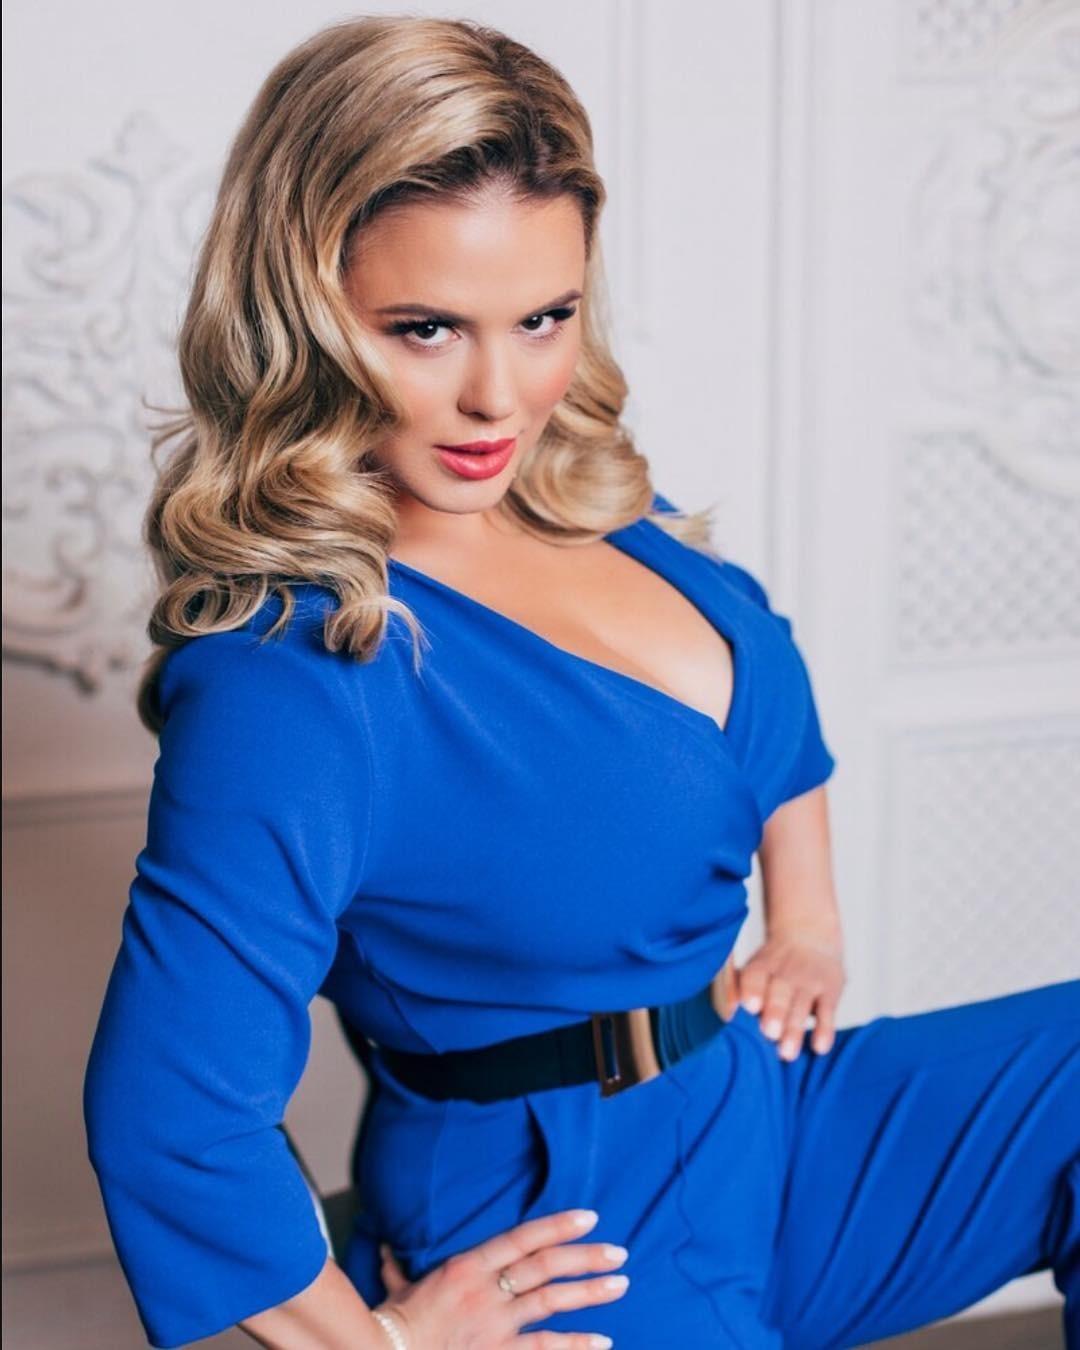 Анна Семенович похудела на 2,5 килограмма за 3 дня